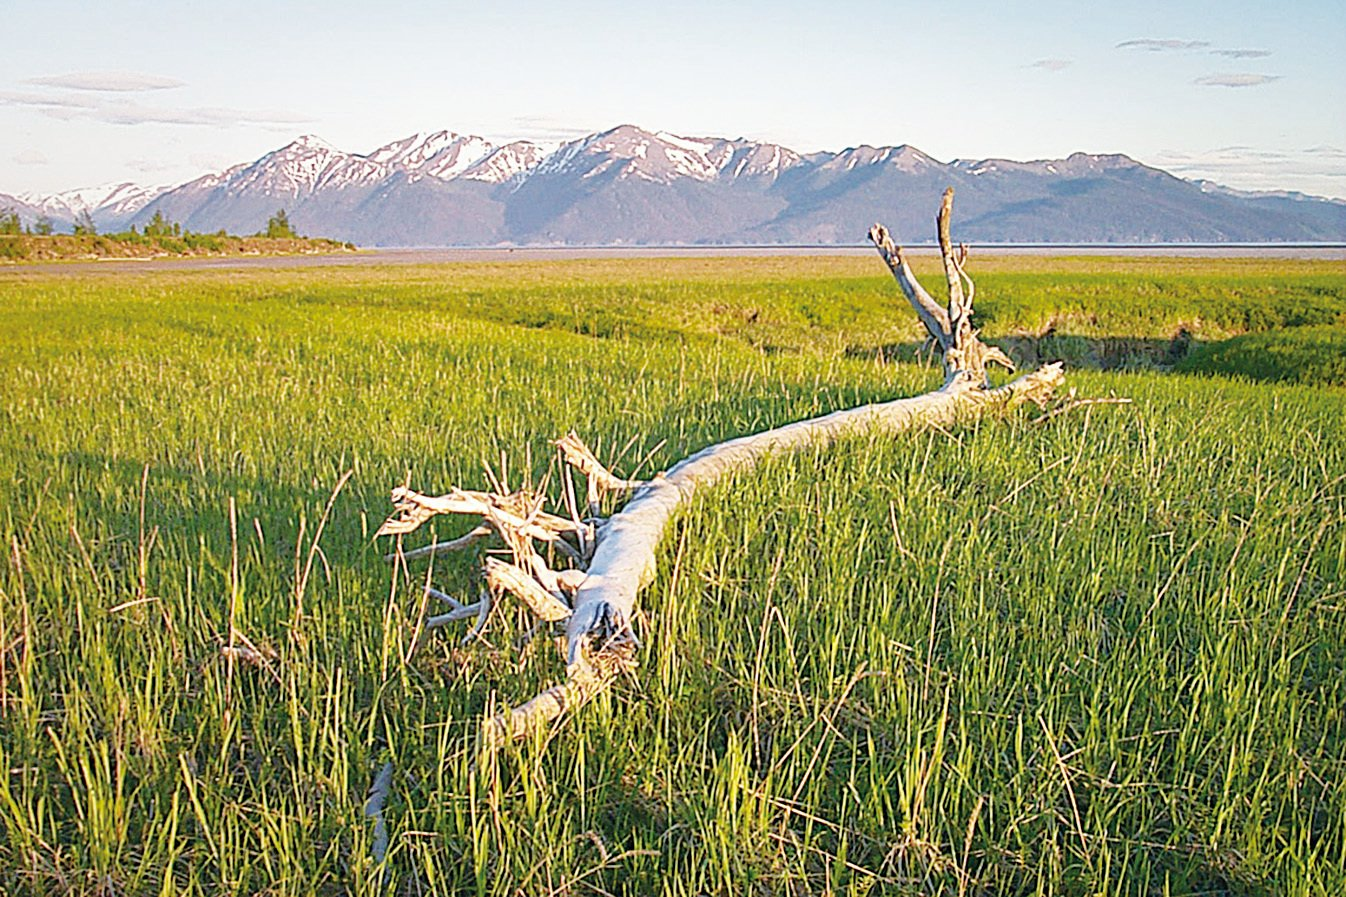 風口(Windy Point)的景色優美,一片蔥鬱的綠色。(網路圖片)